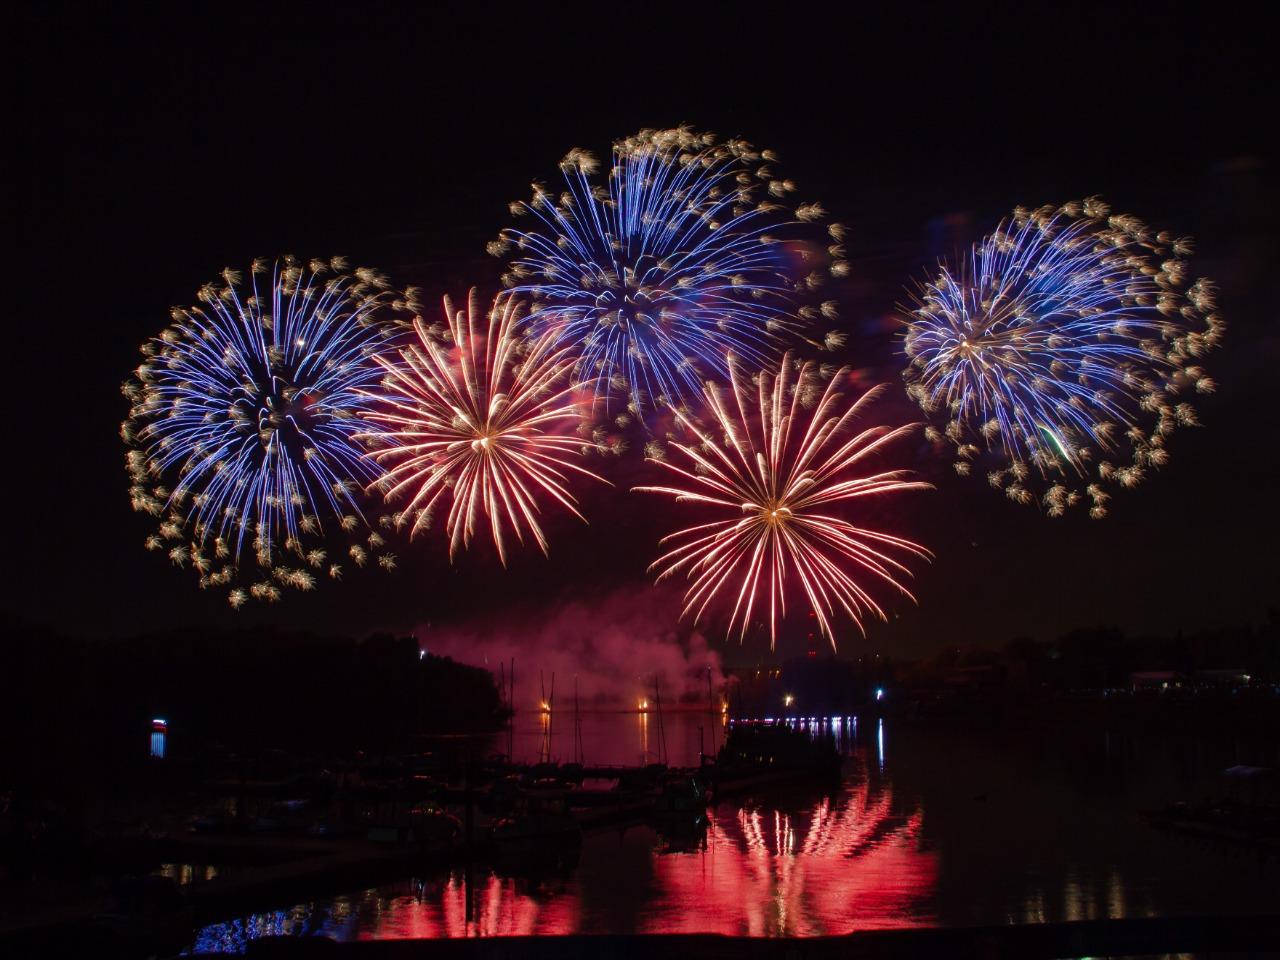 Фестиваль «Столица закатов» стартует в Нижнем Новгороде 12 июня